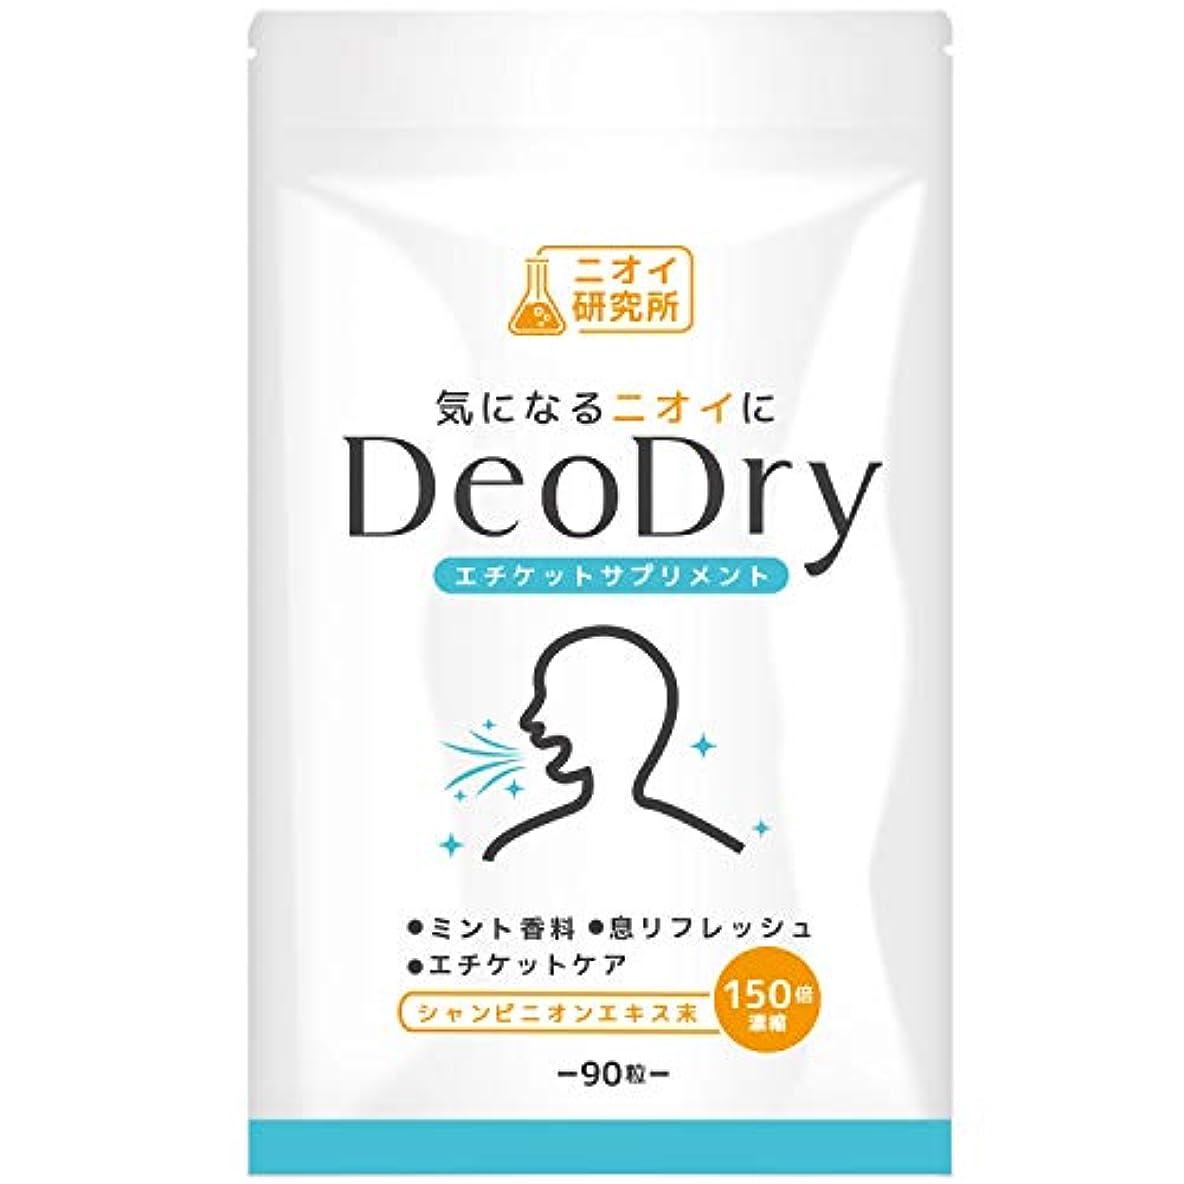 シード細心のチョコレートニオイ研究所 DeoDry シャンピニオン デオアタック 緑茶ポリフェノール 90粒 30日分